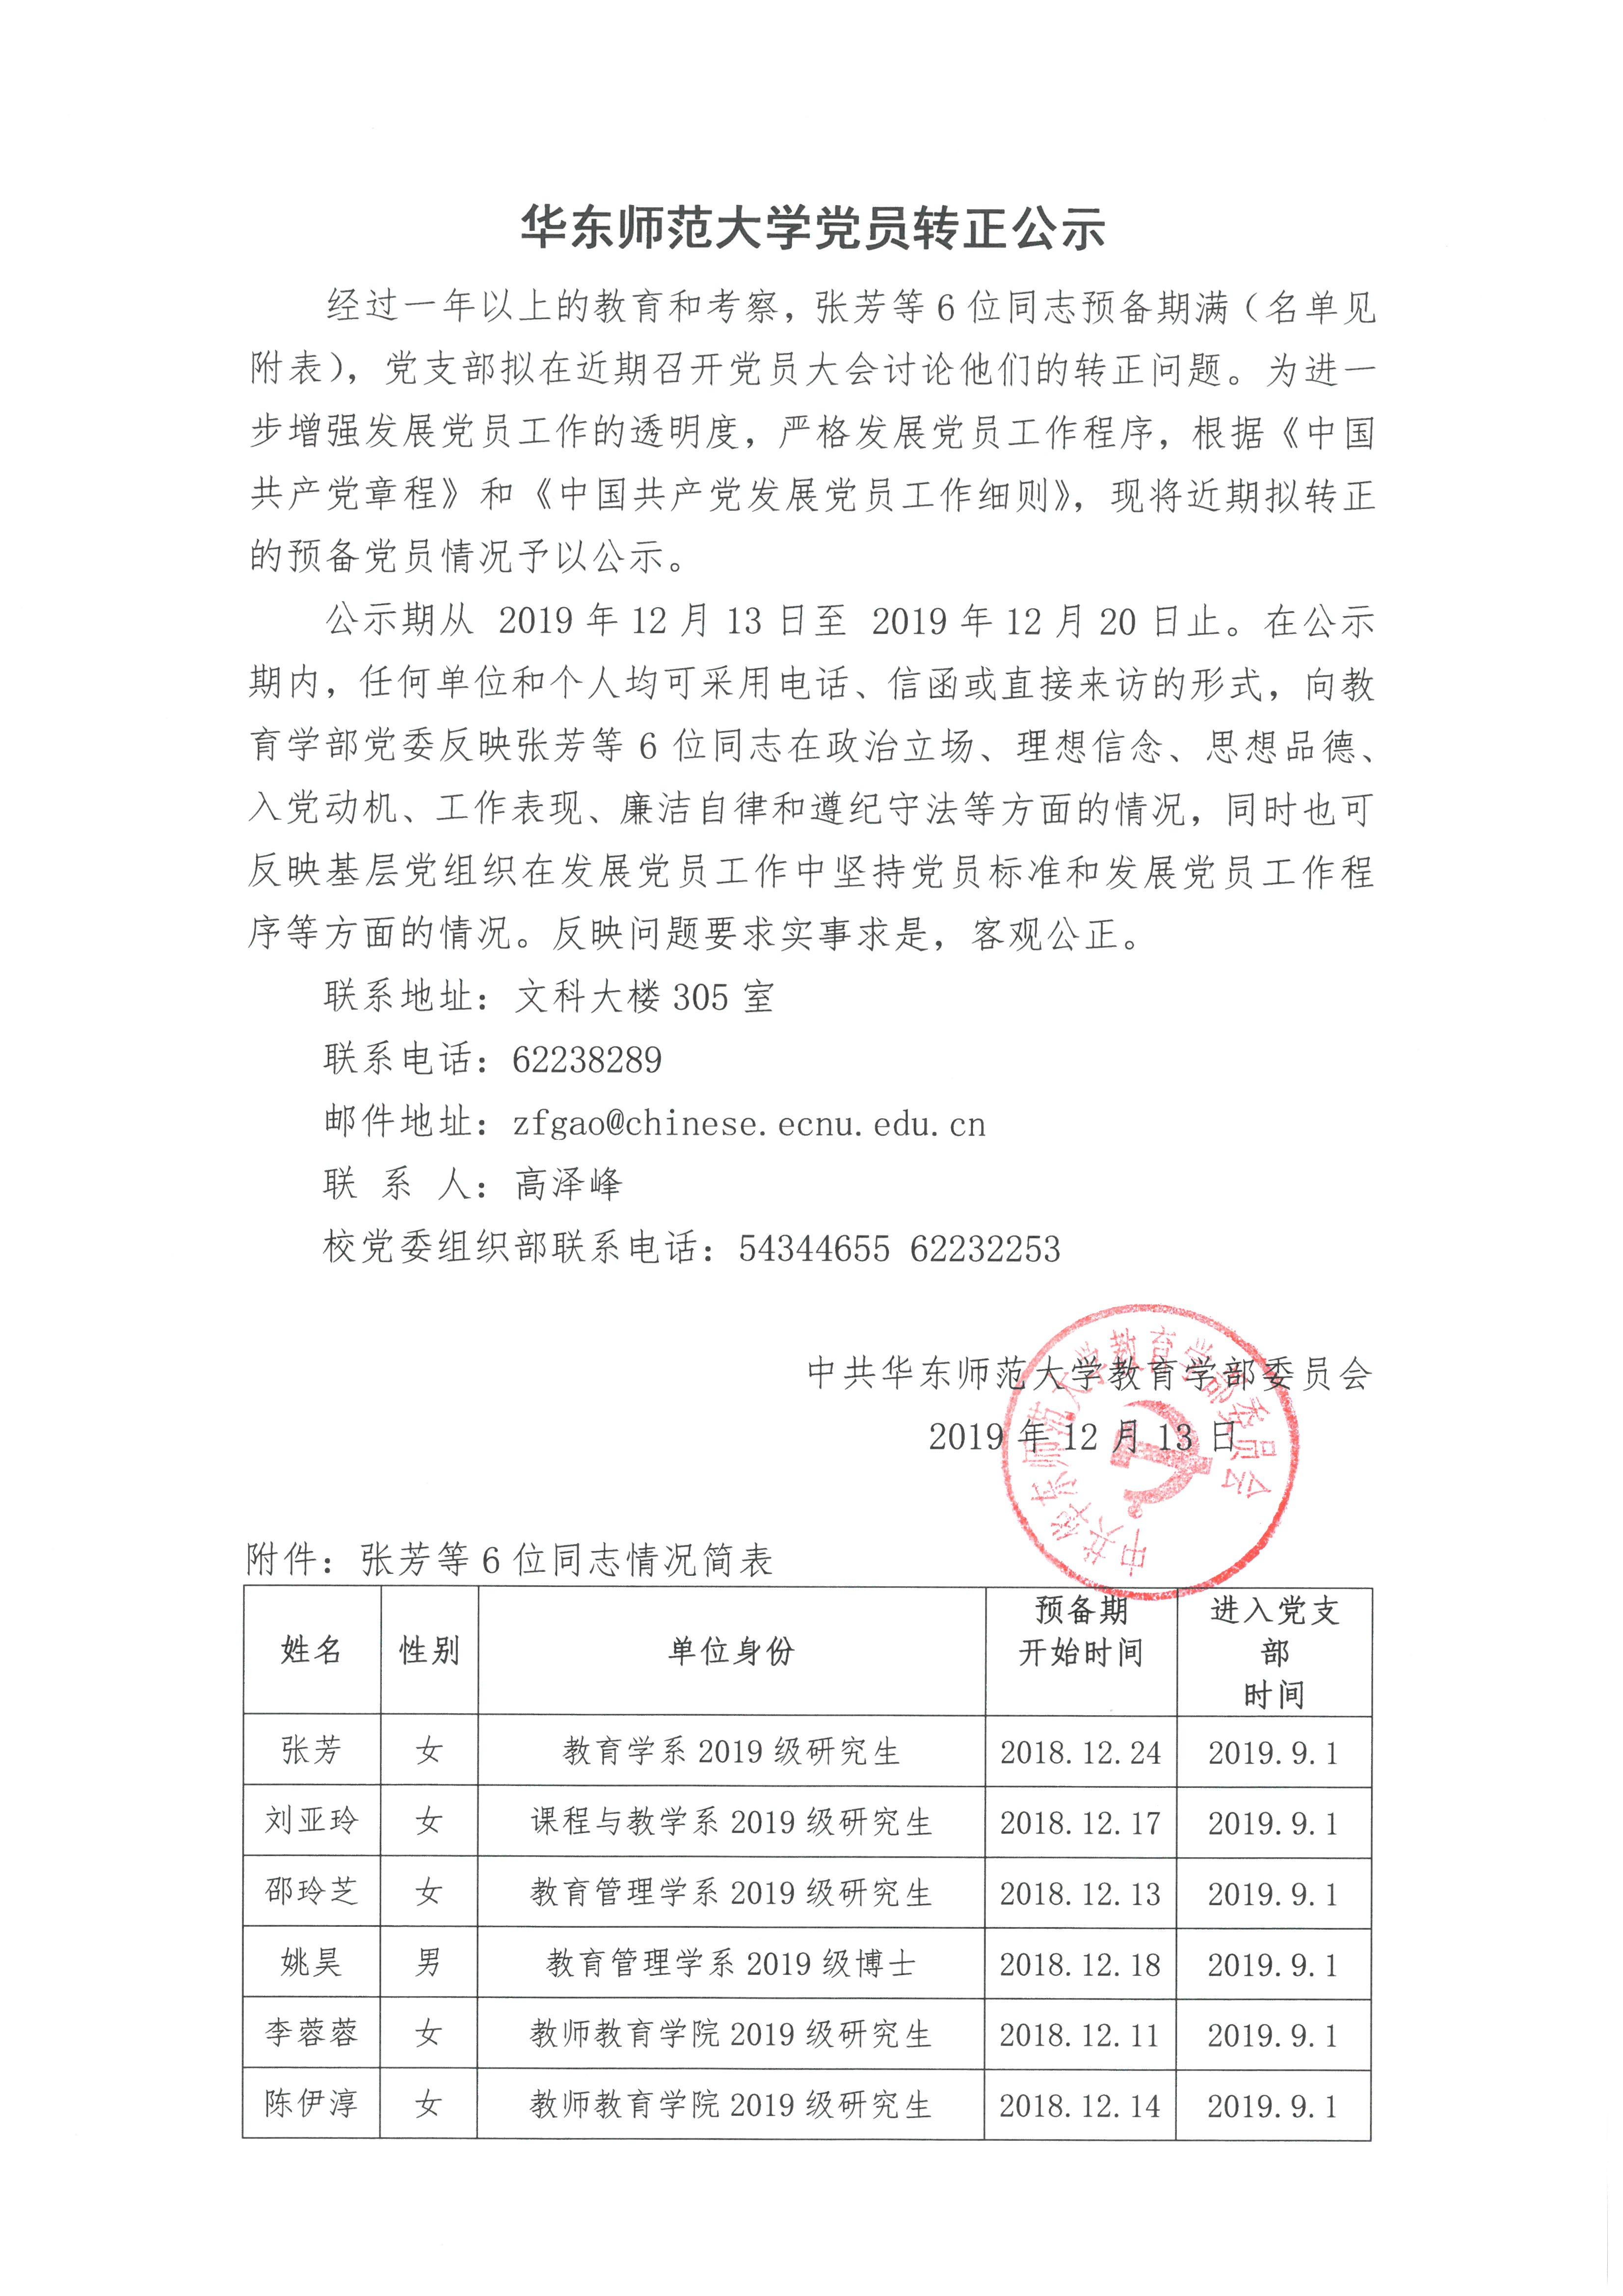 【公示】教育学部2019年12月党员转正公示(第三批)